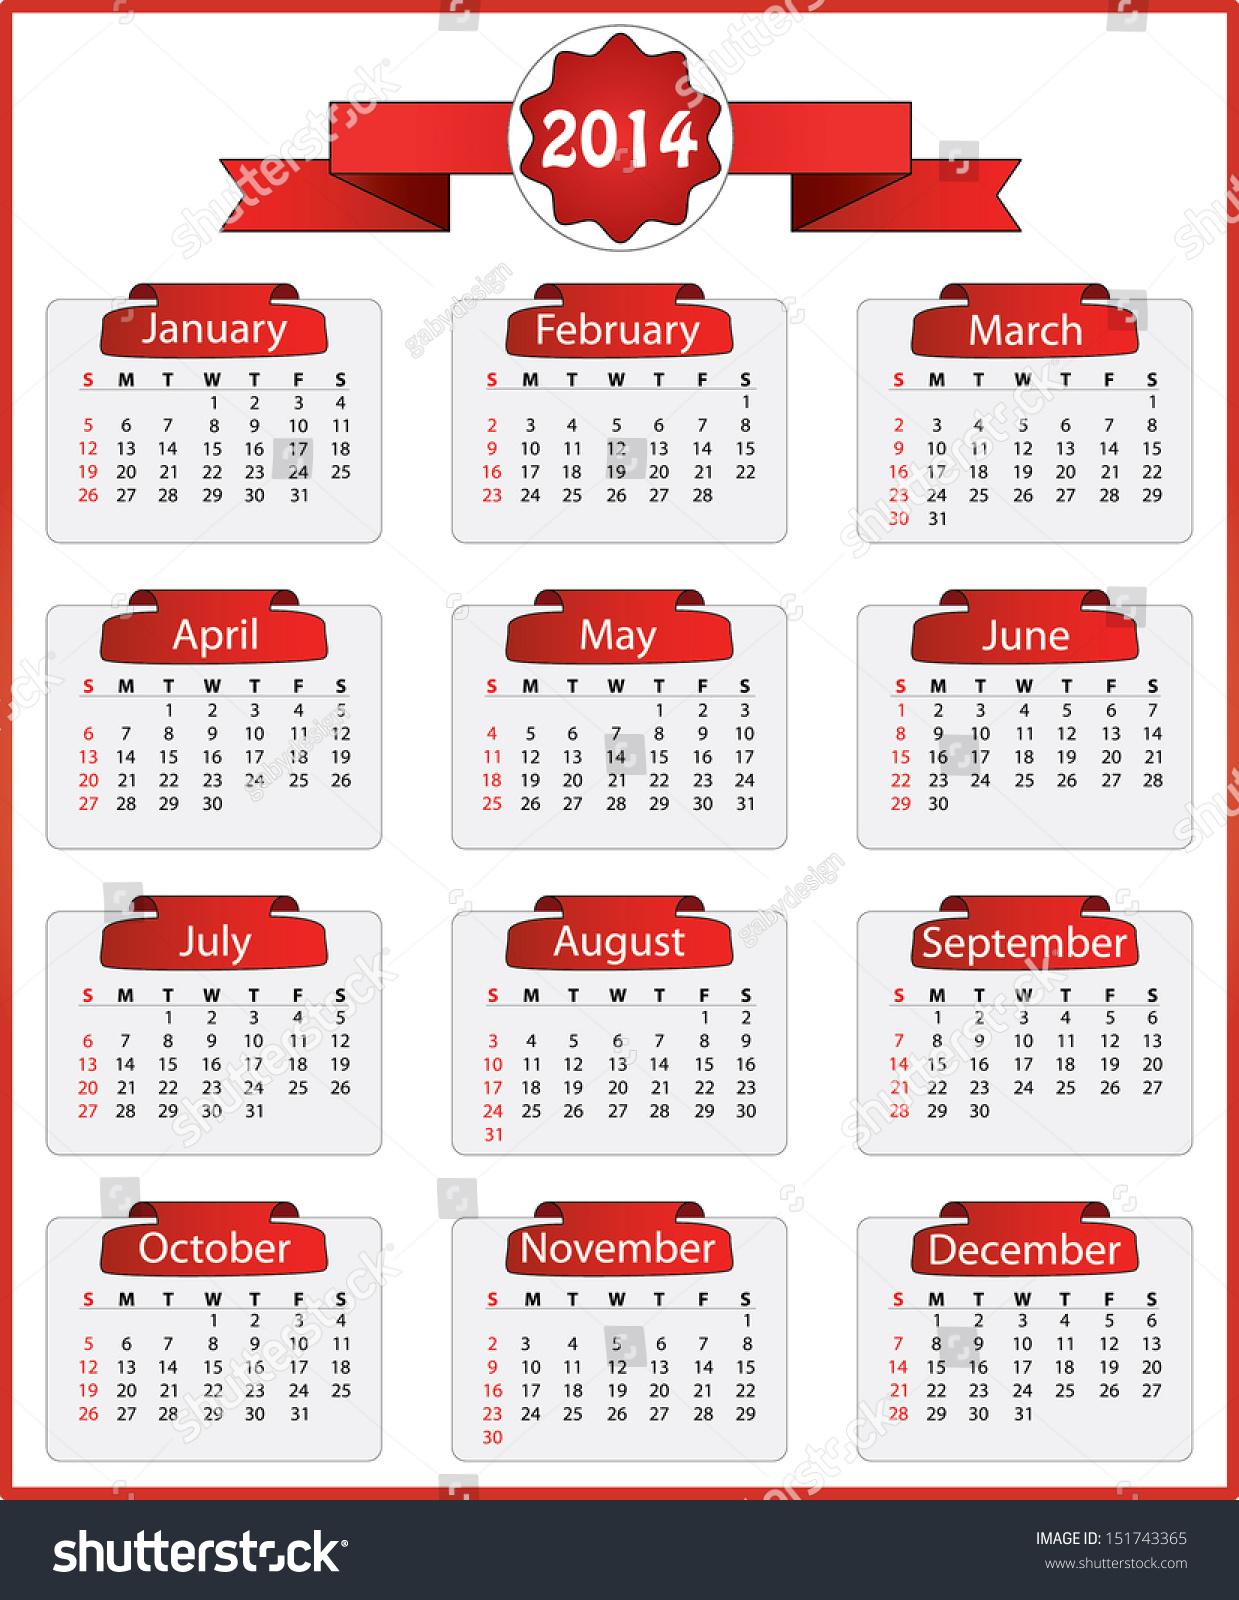 Calendar Ribbon Design : Creative calendar red ribbon stock vector